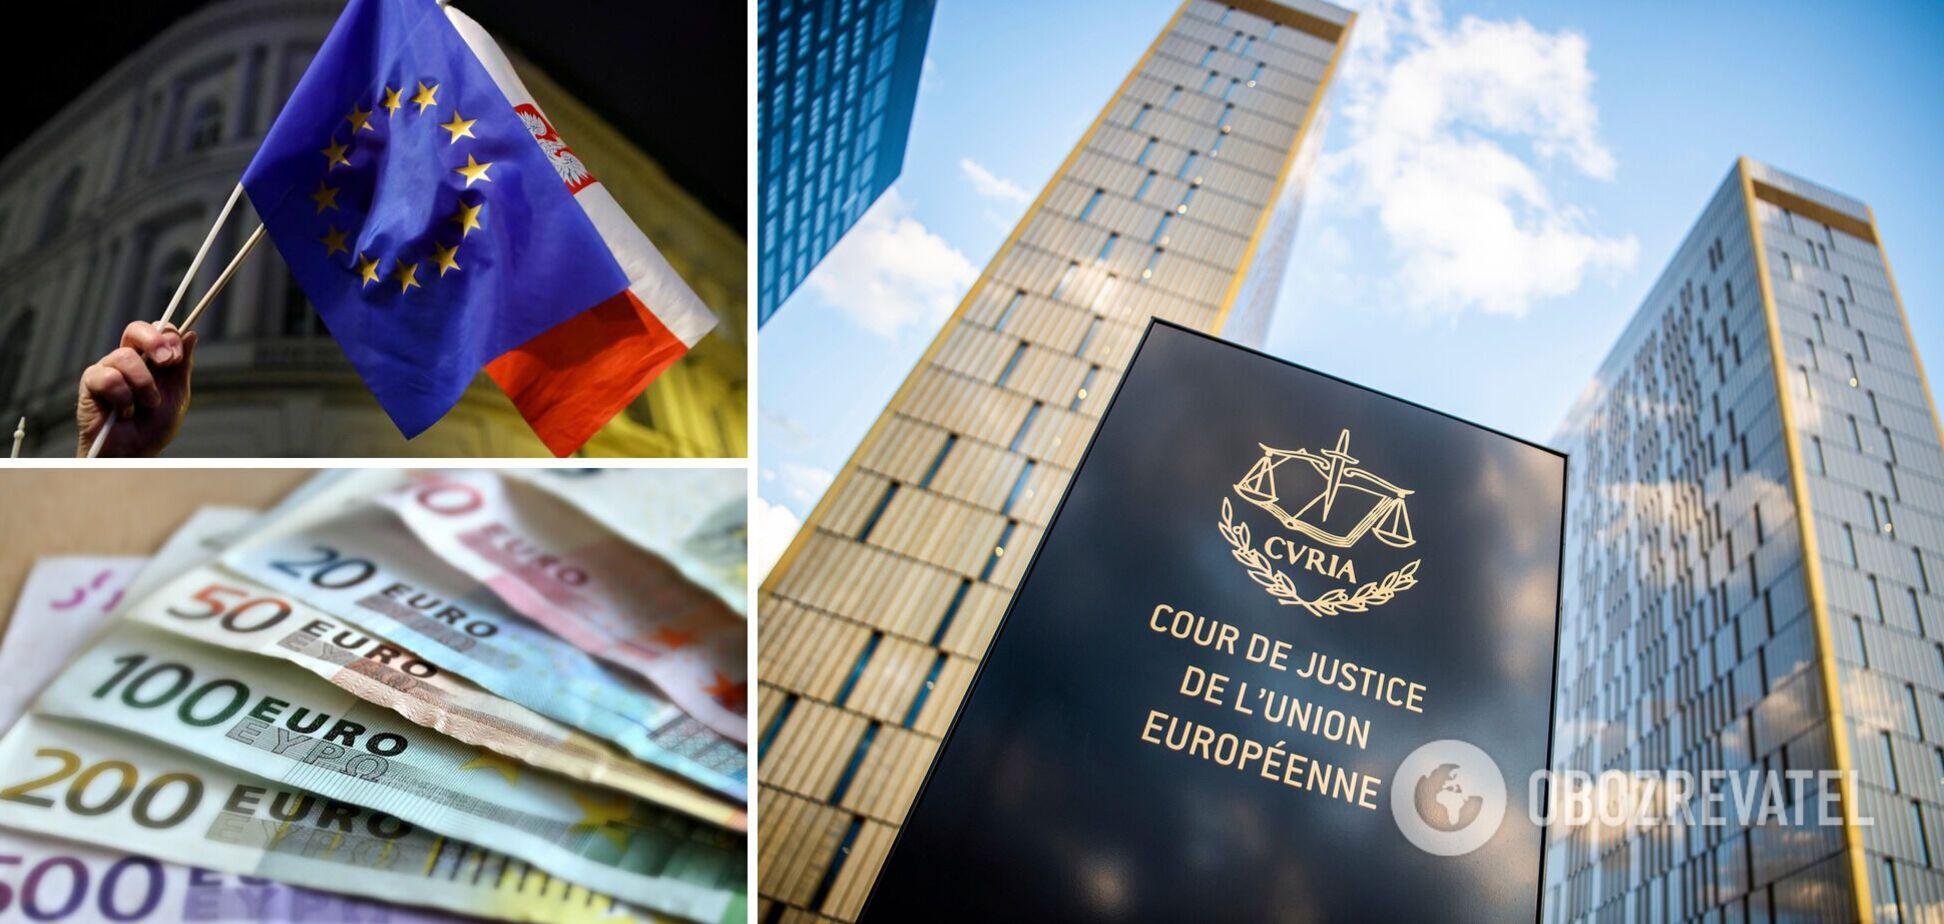 Суд ЕС распорядился штрафовать Польшу на 1 млн евро в день